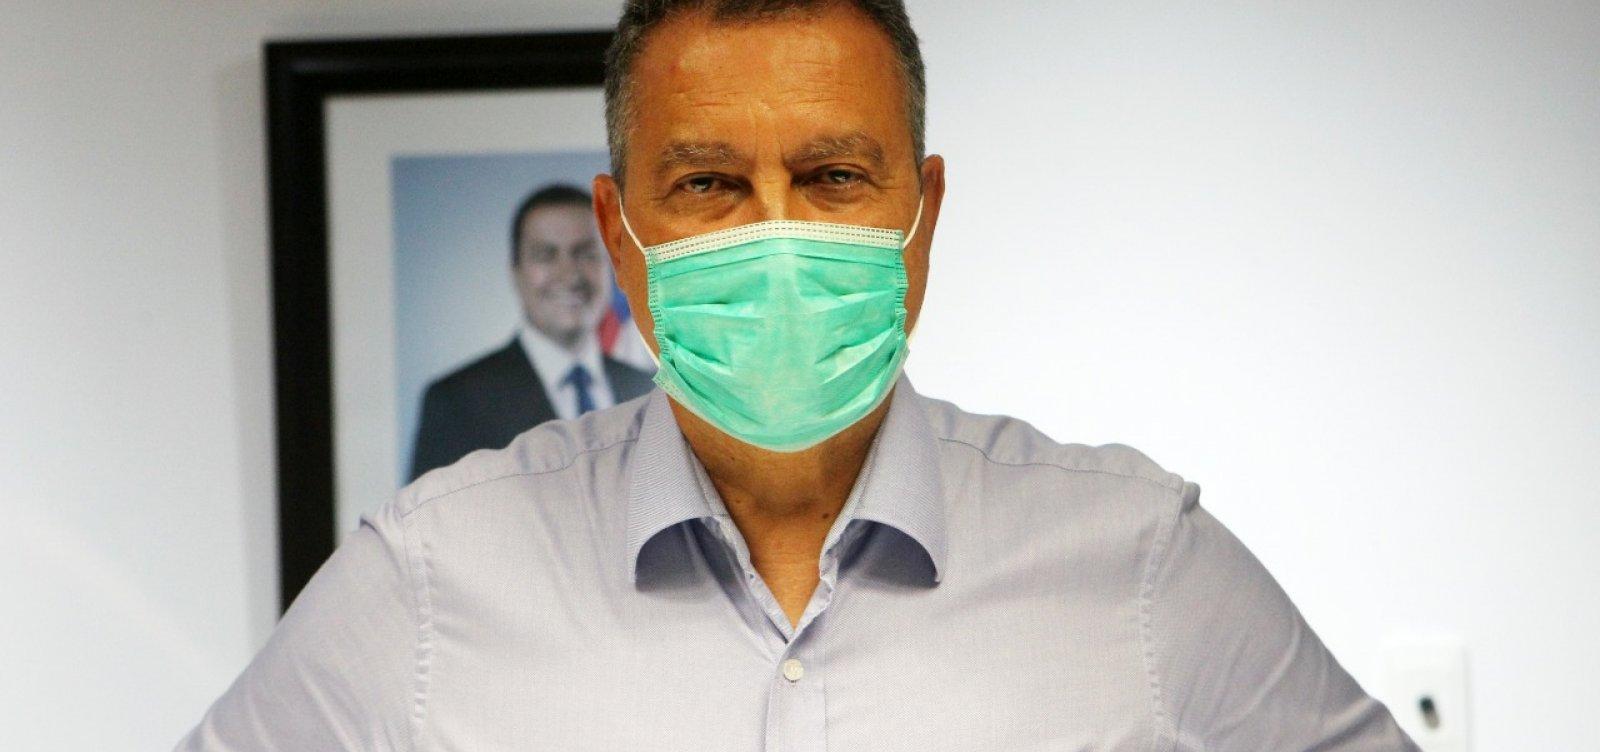 [Após problema na entrega, Bahia compra 300 respiradores da China por R$ 48 milhões]